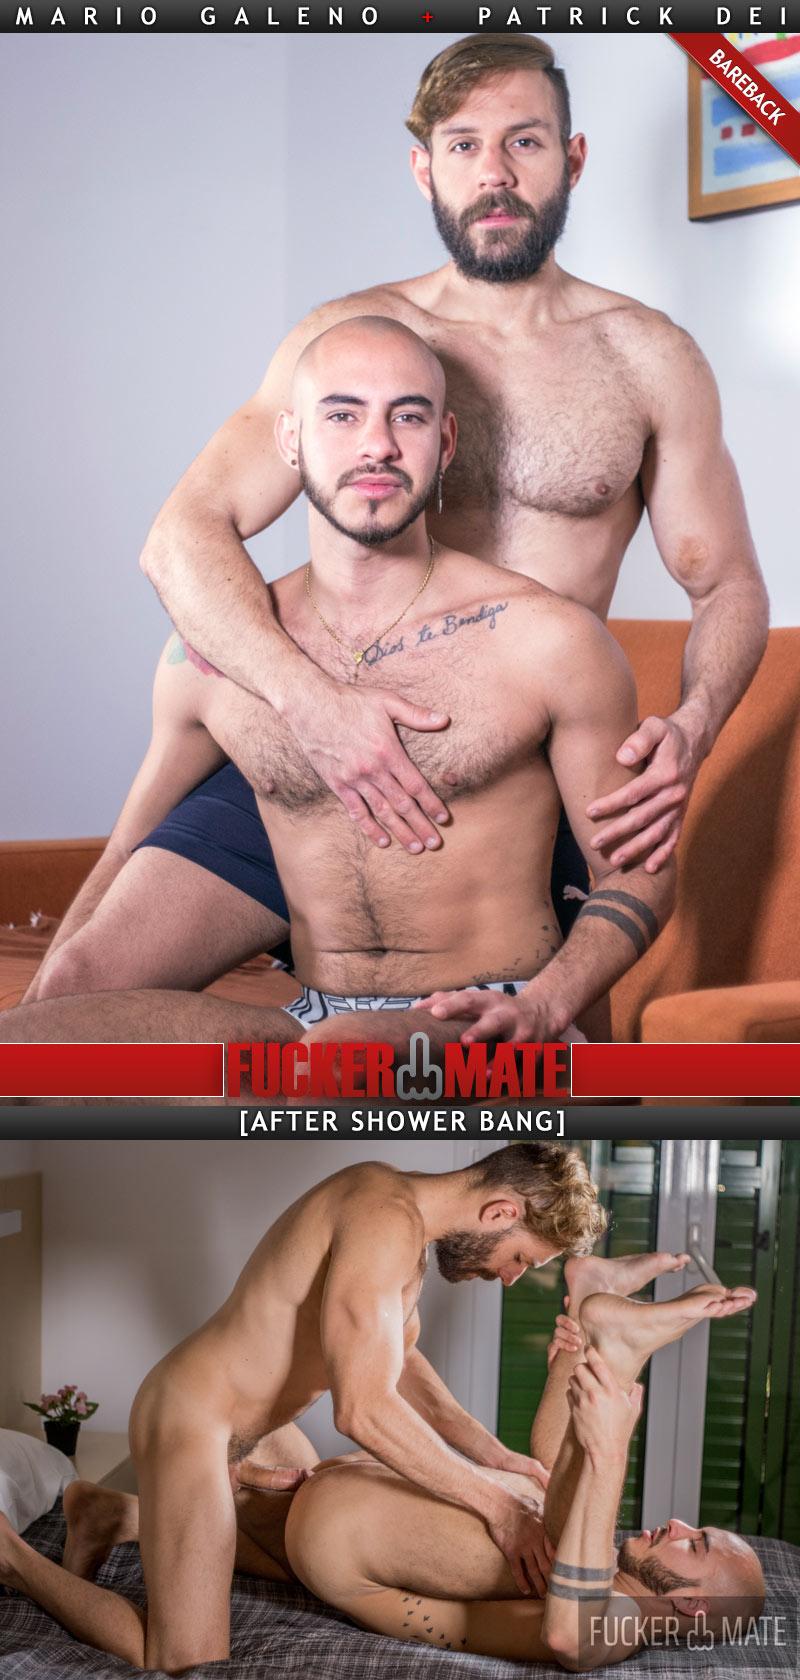 After-Shower Bang (Mario Galeno Barebacks Patrick Dei) at Fuckermate